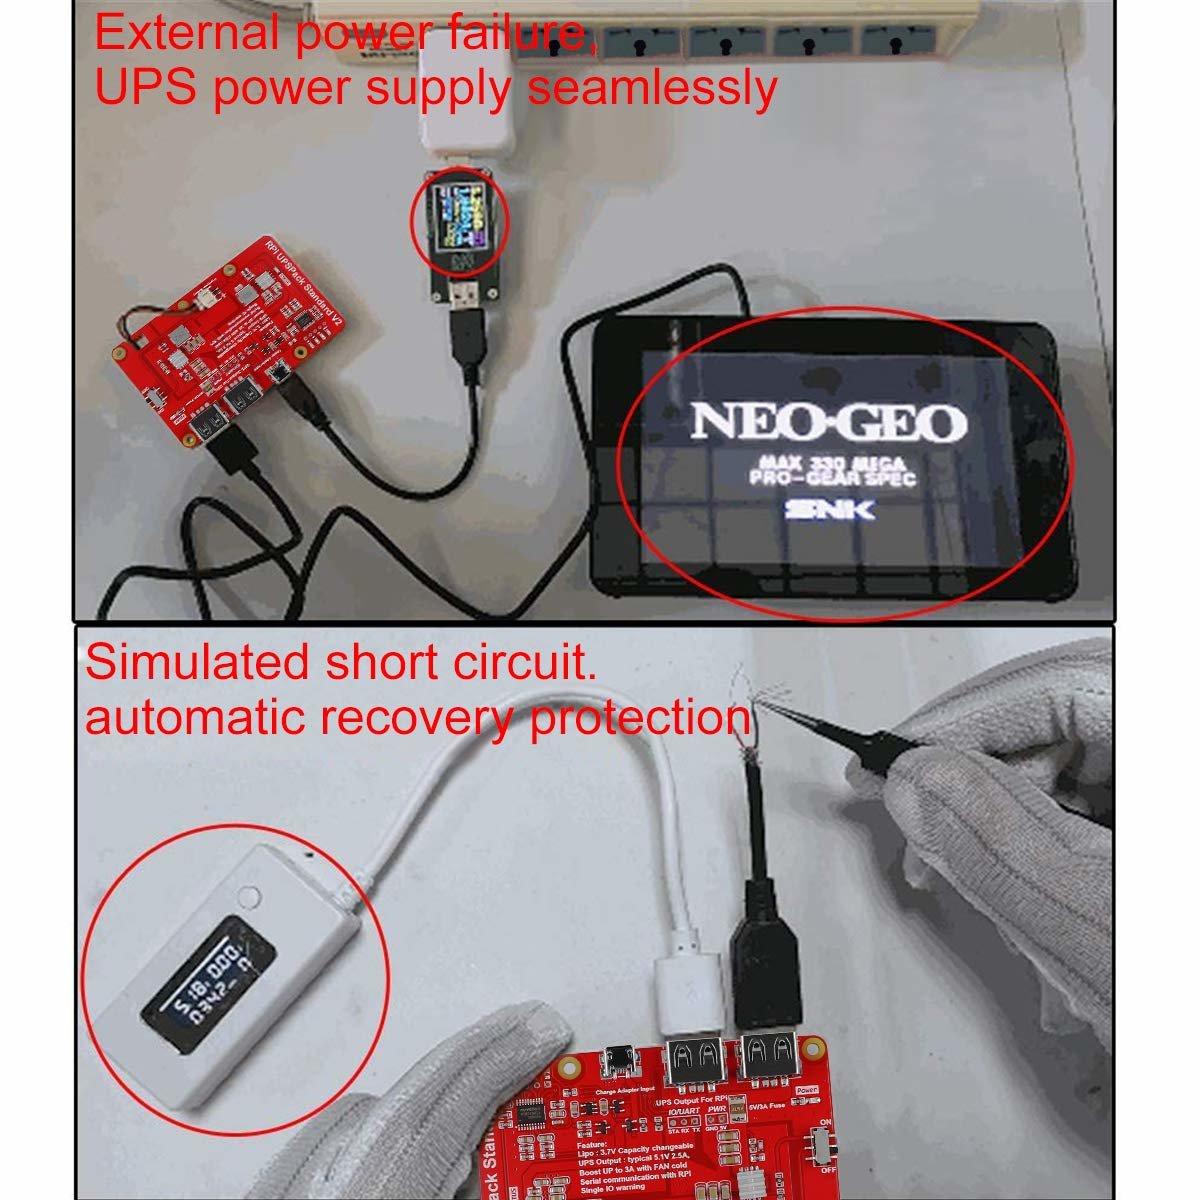 樹莓派 UPS 鋰電池擴充板 | USB 雙輸出電源供應模組 (V2)-preview-8